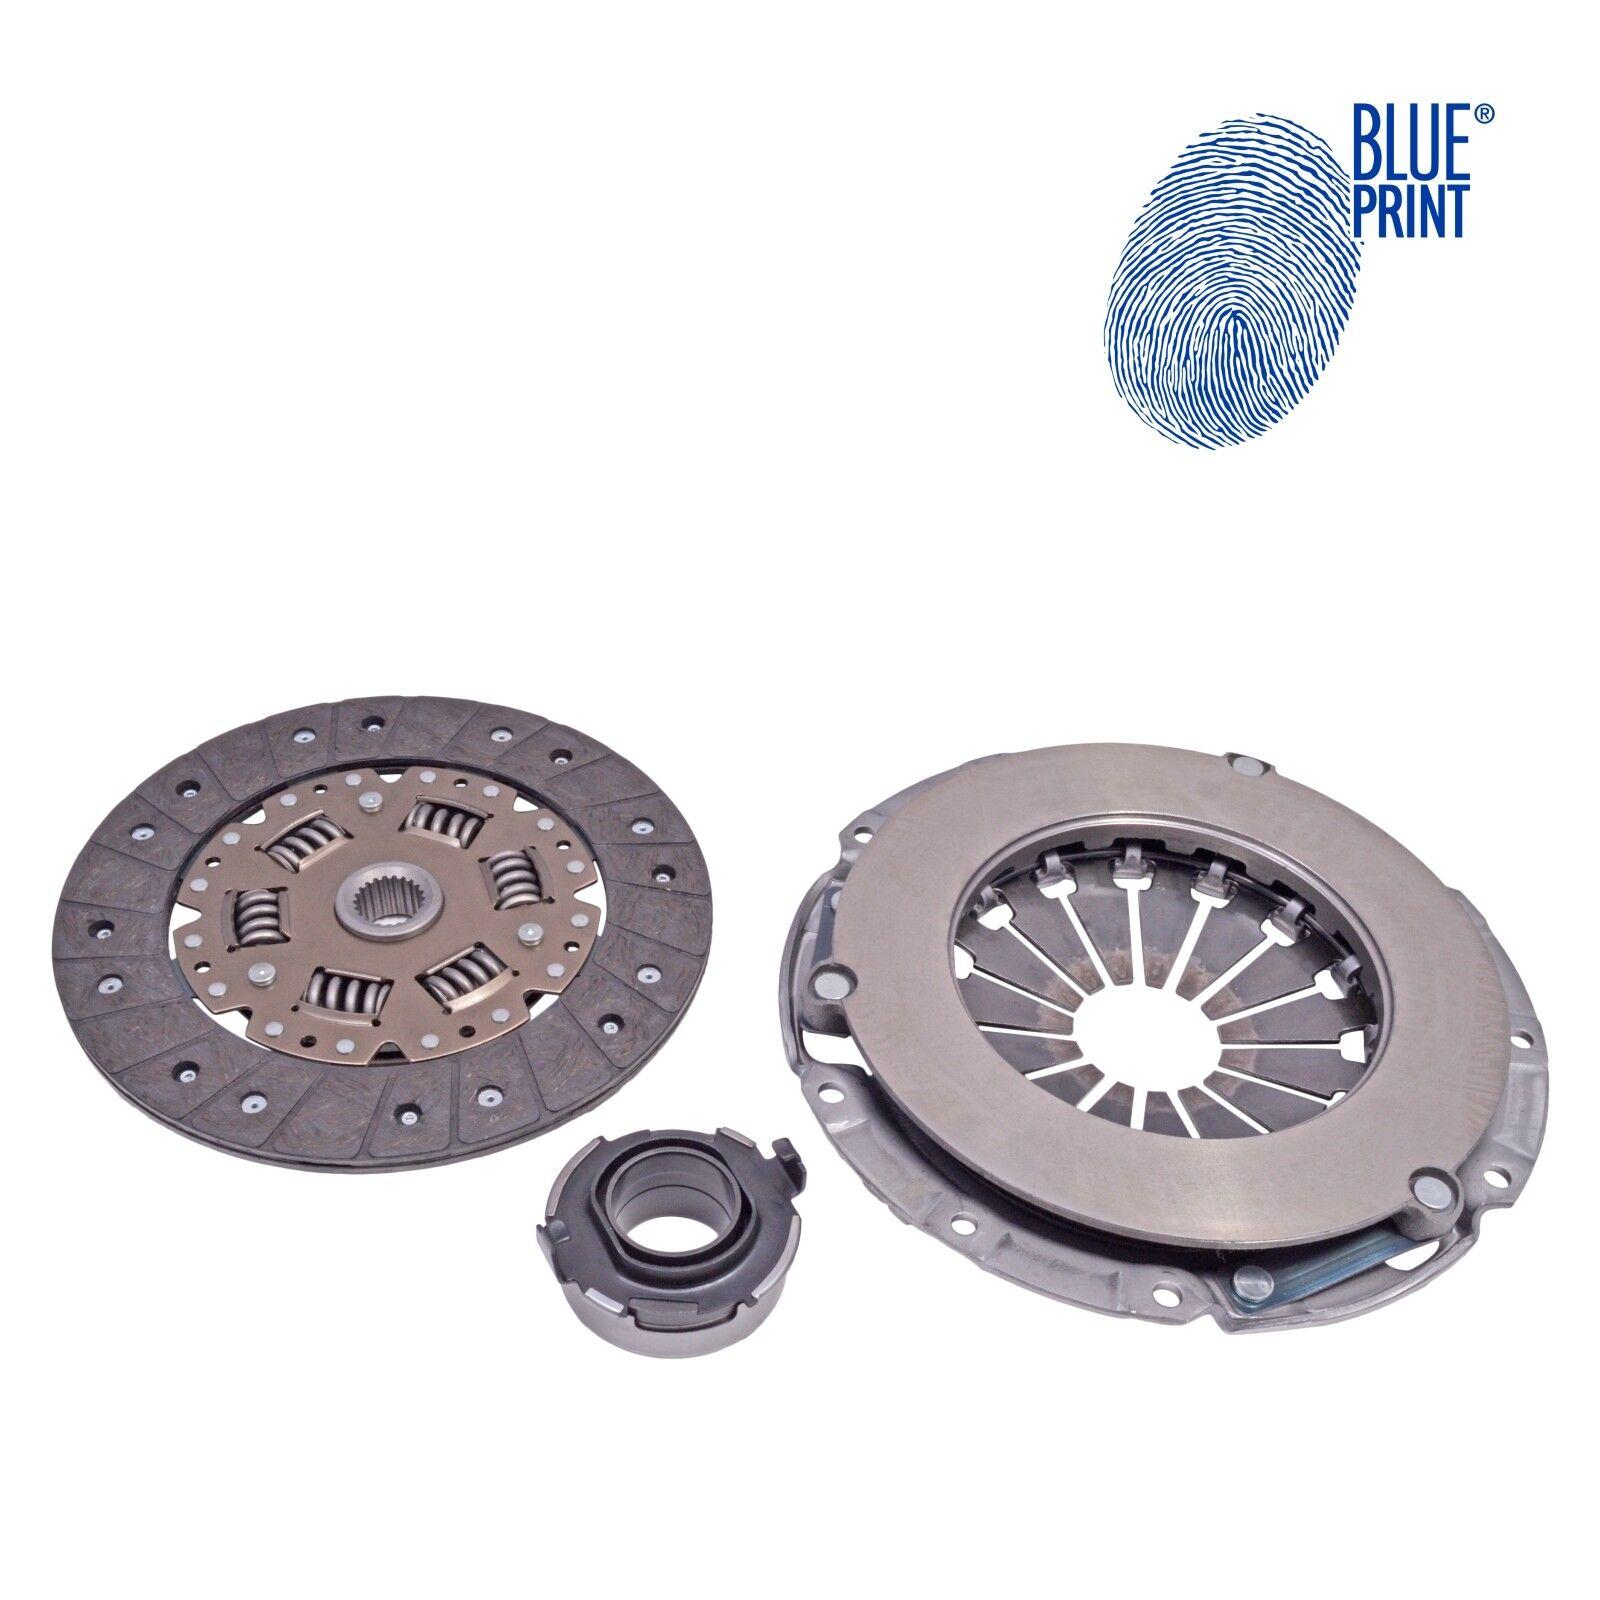 BLUE PRINT Kupplungssatz für Kupplung ADM53041